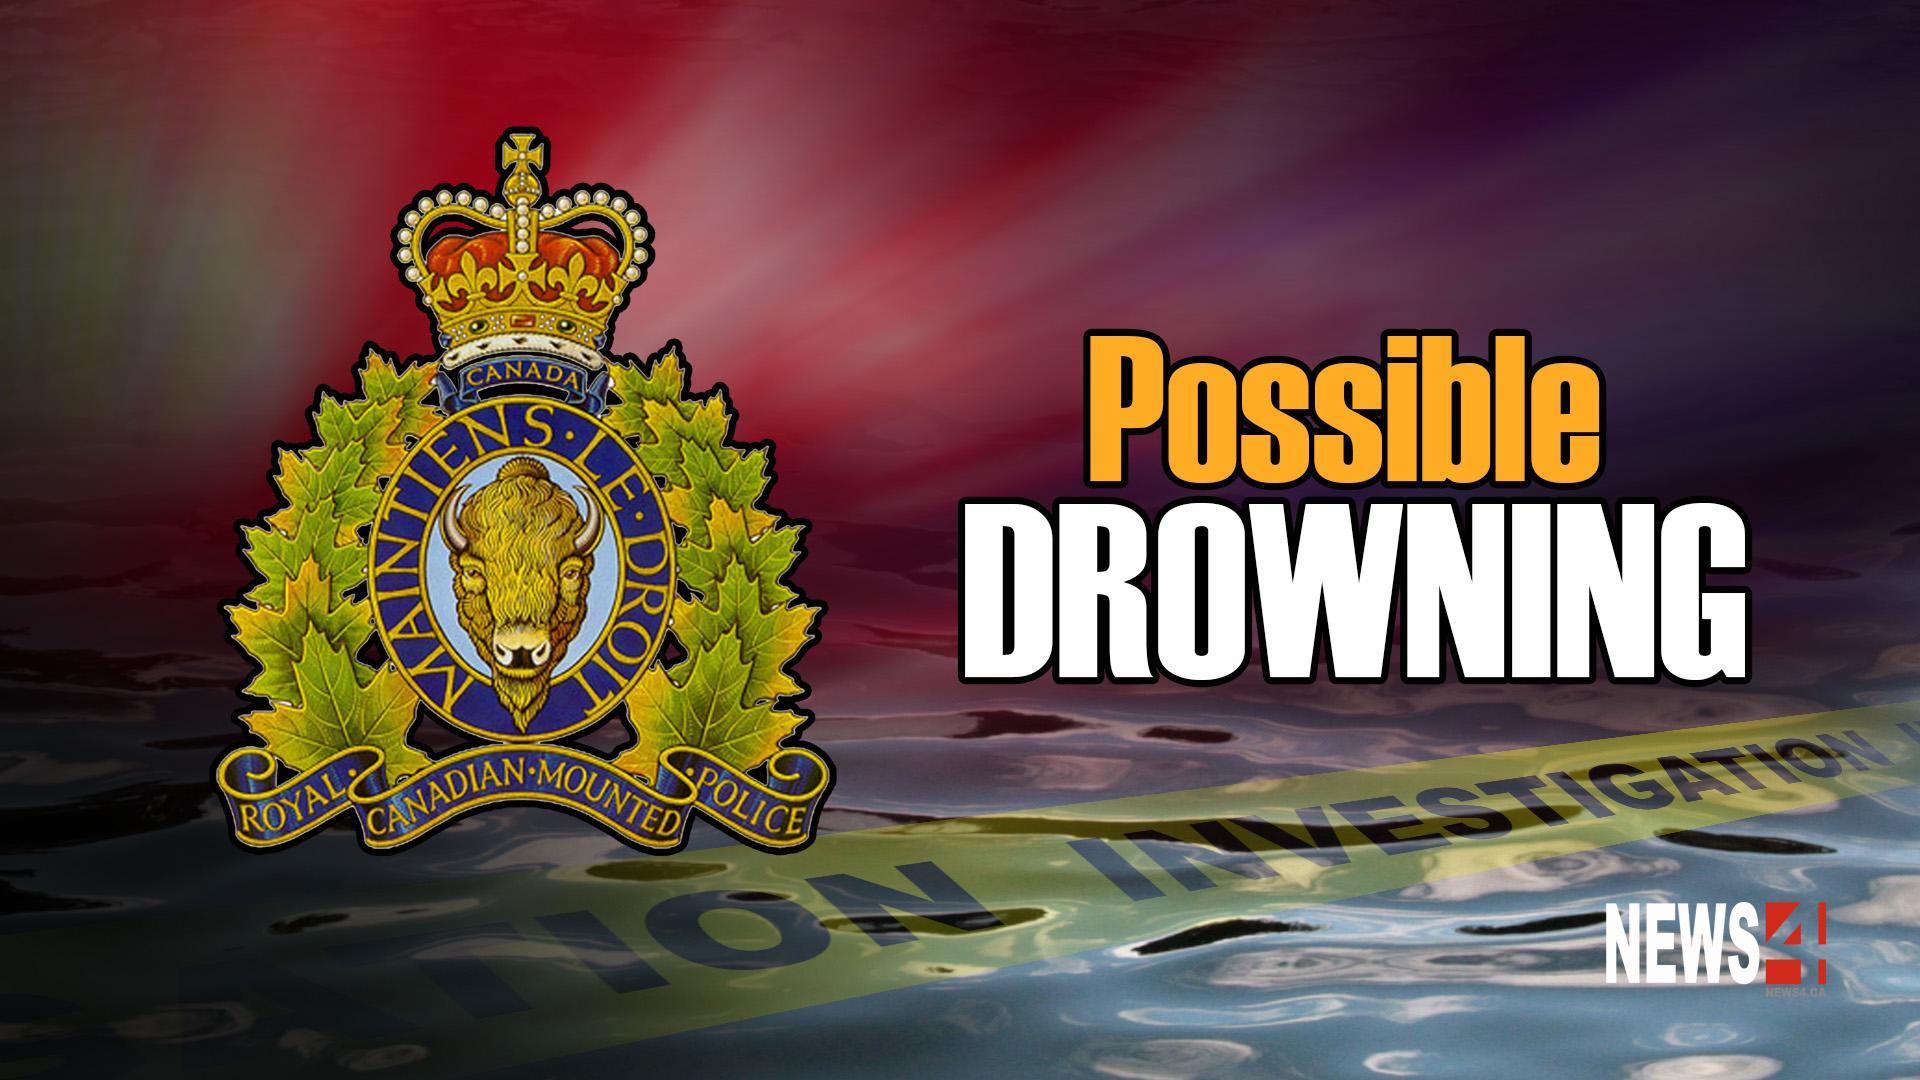 85-year-old man dies of possible drowning in Netley Creek